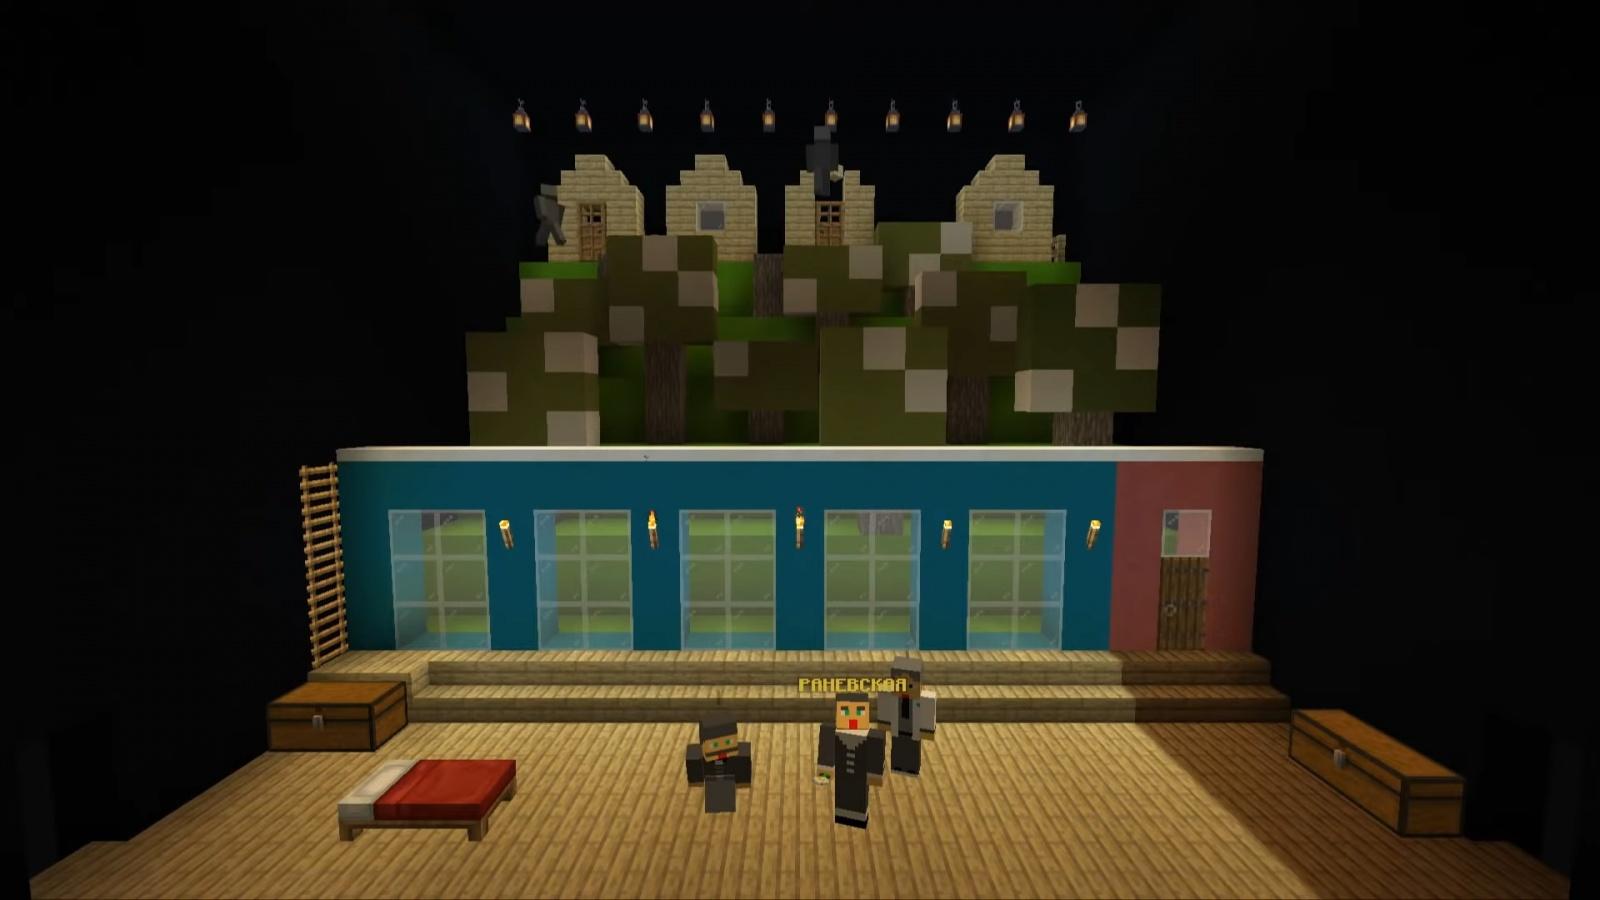 Реальный спектакль в виртуальной среде: Большой драматический театр открыл филиал в Minecraft - 5